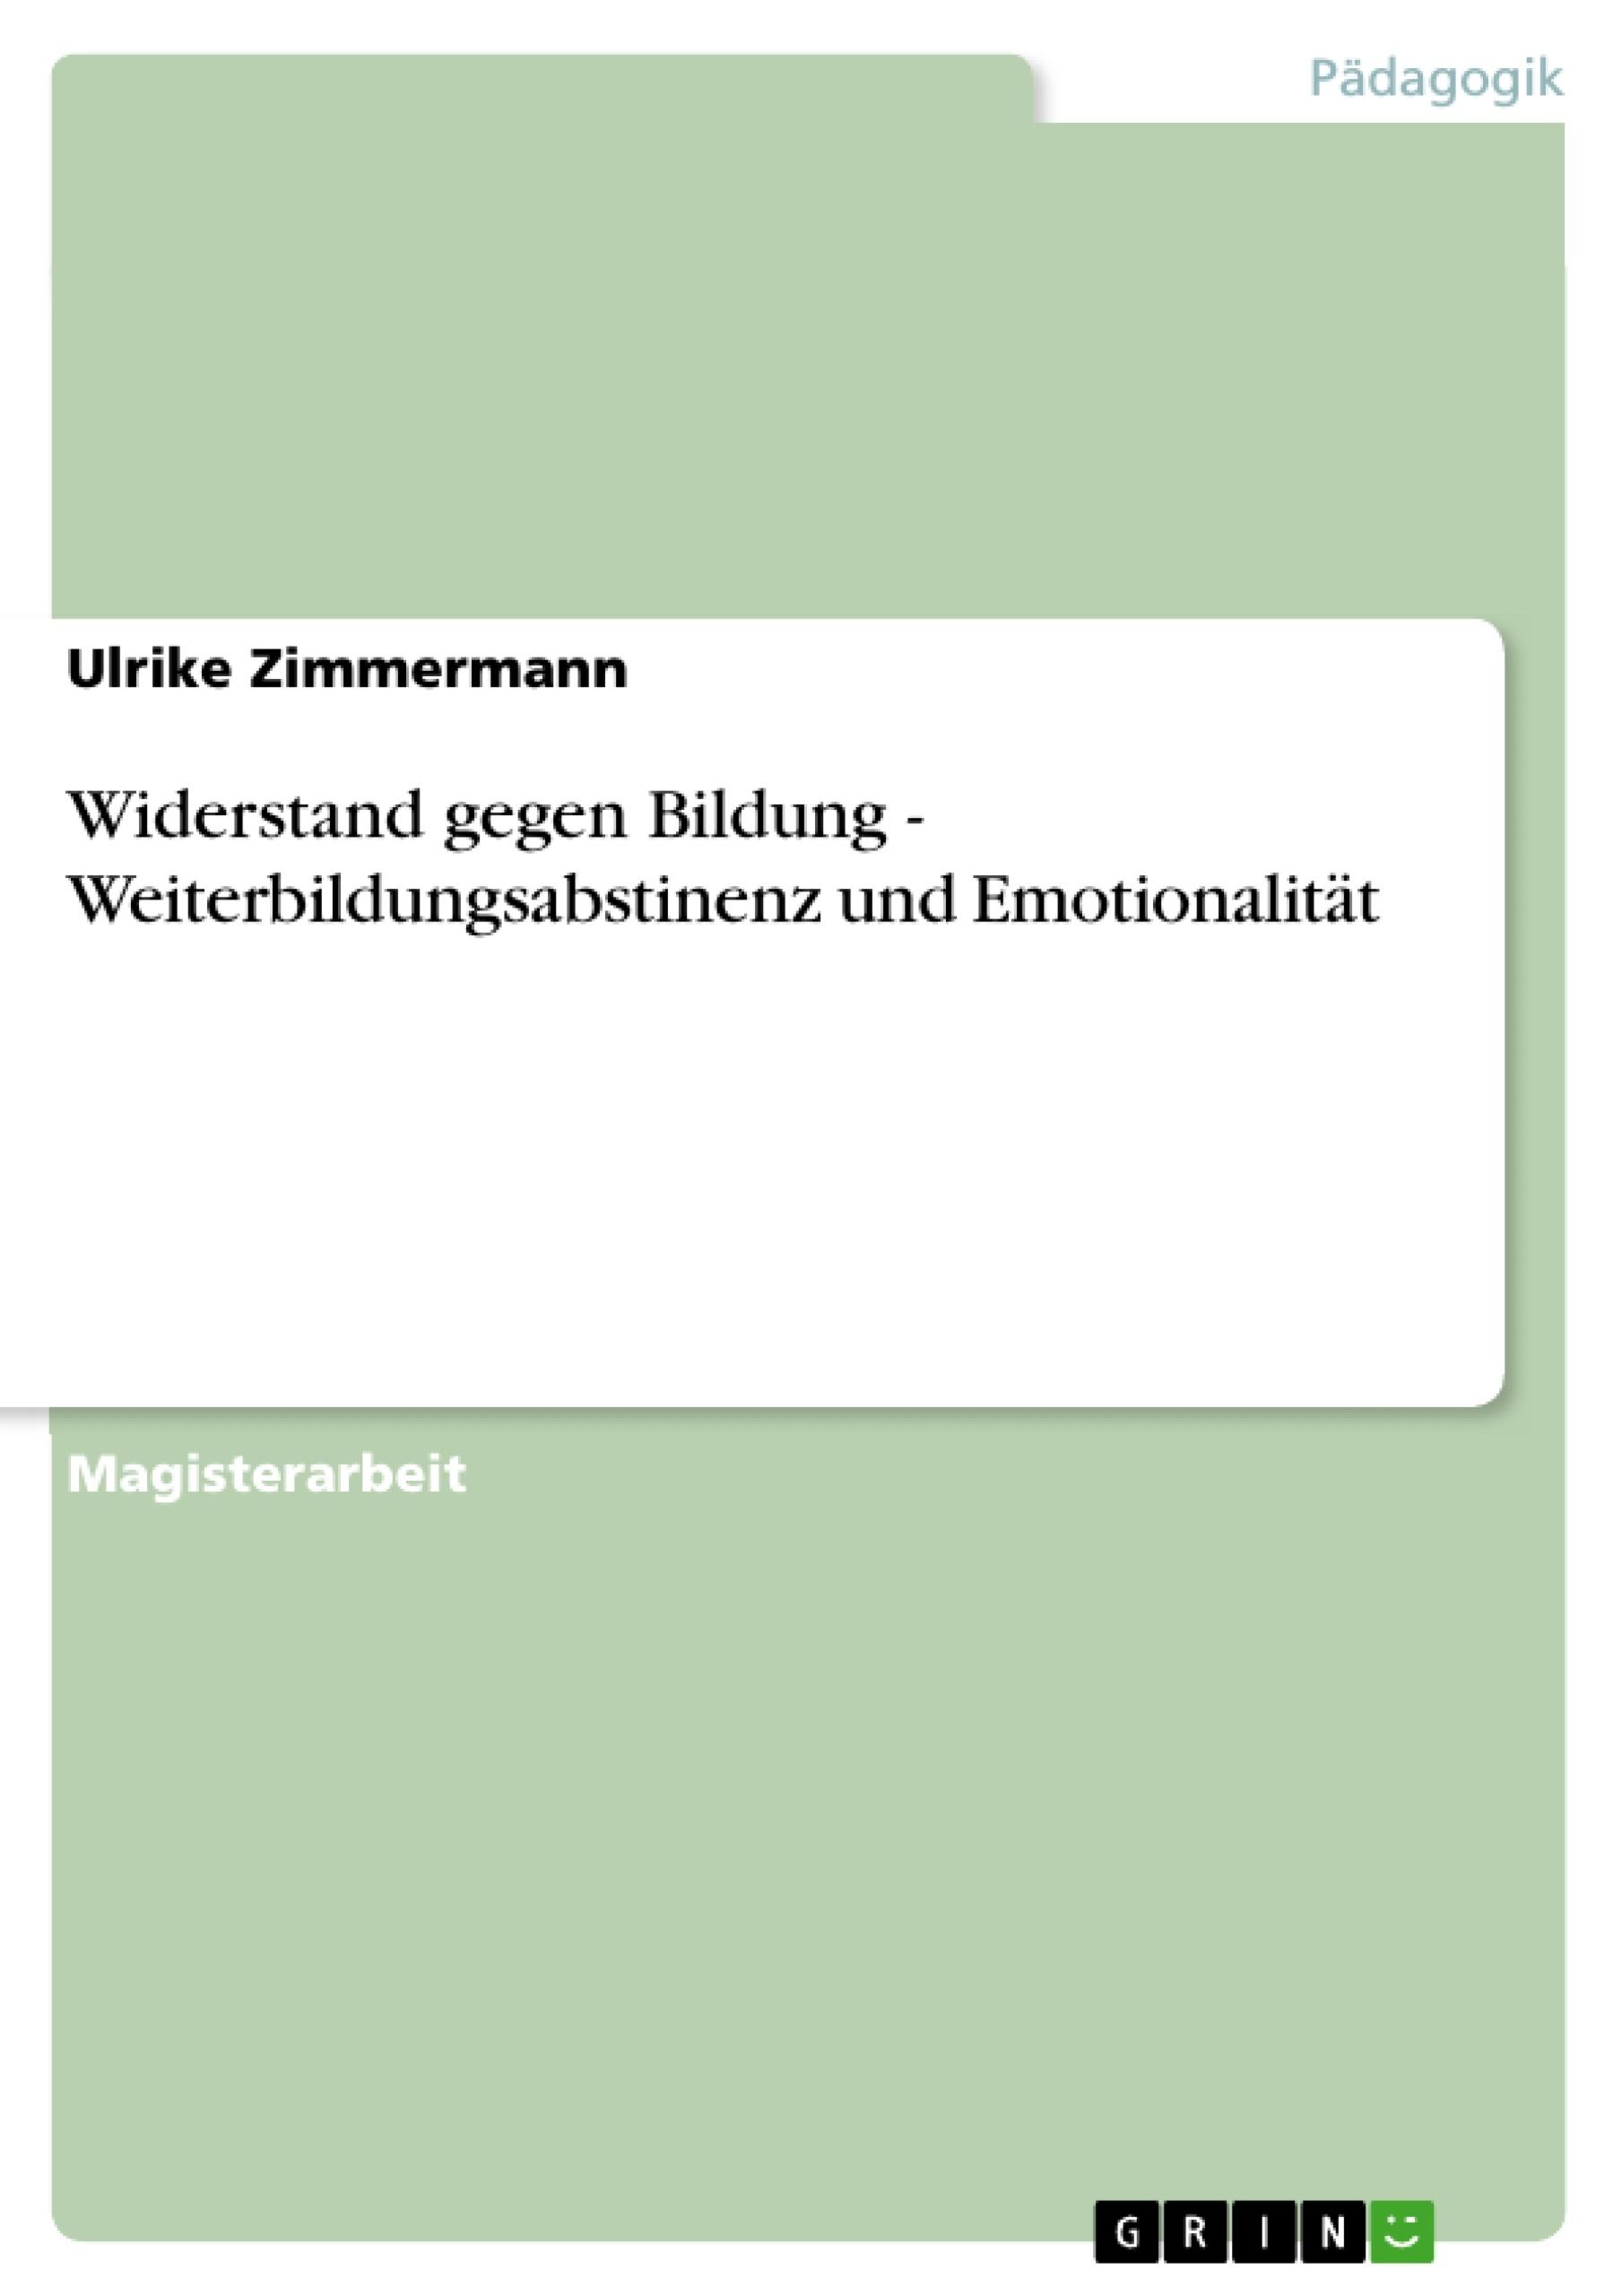 Titel: Widerstand gegen Bildung - Weiterbildungsabstinenz und Emotionalität